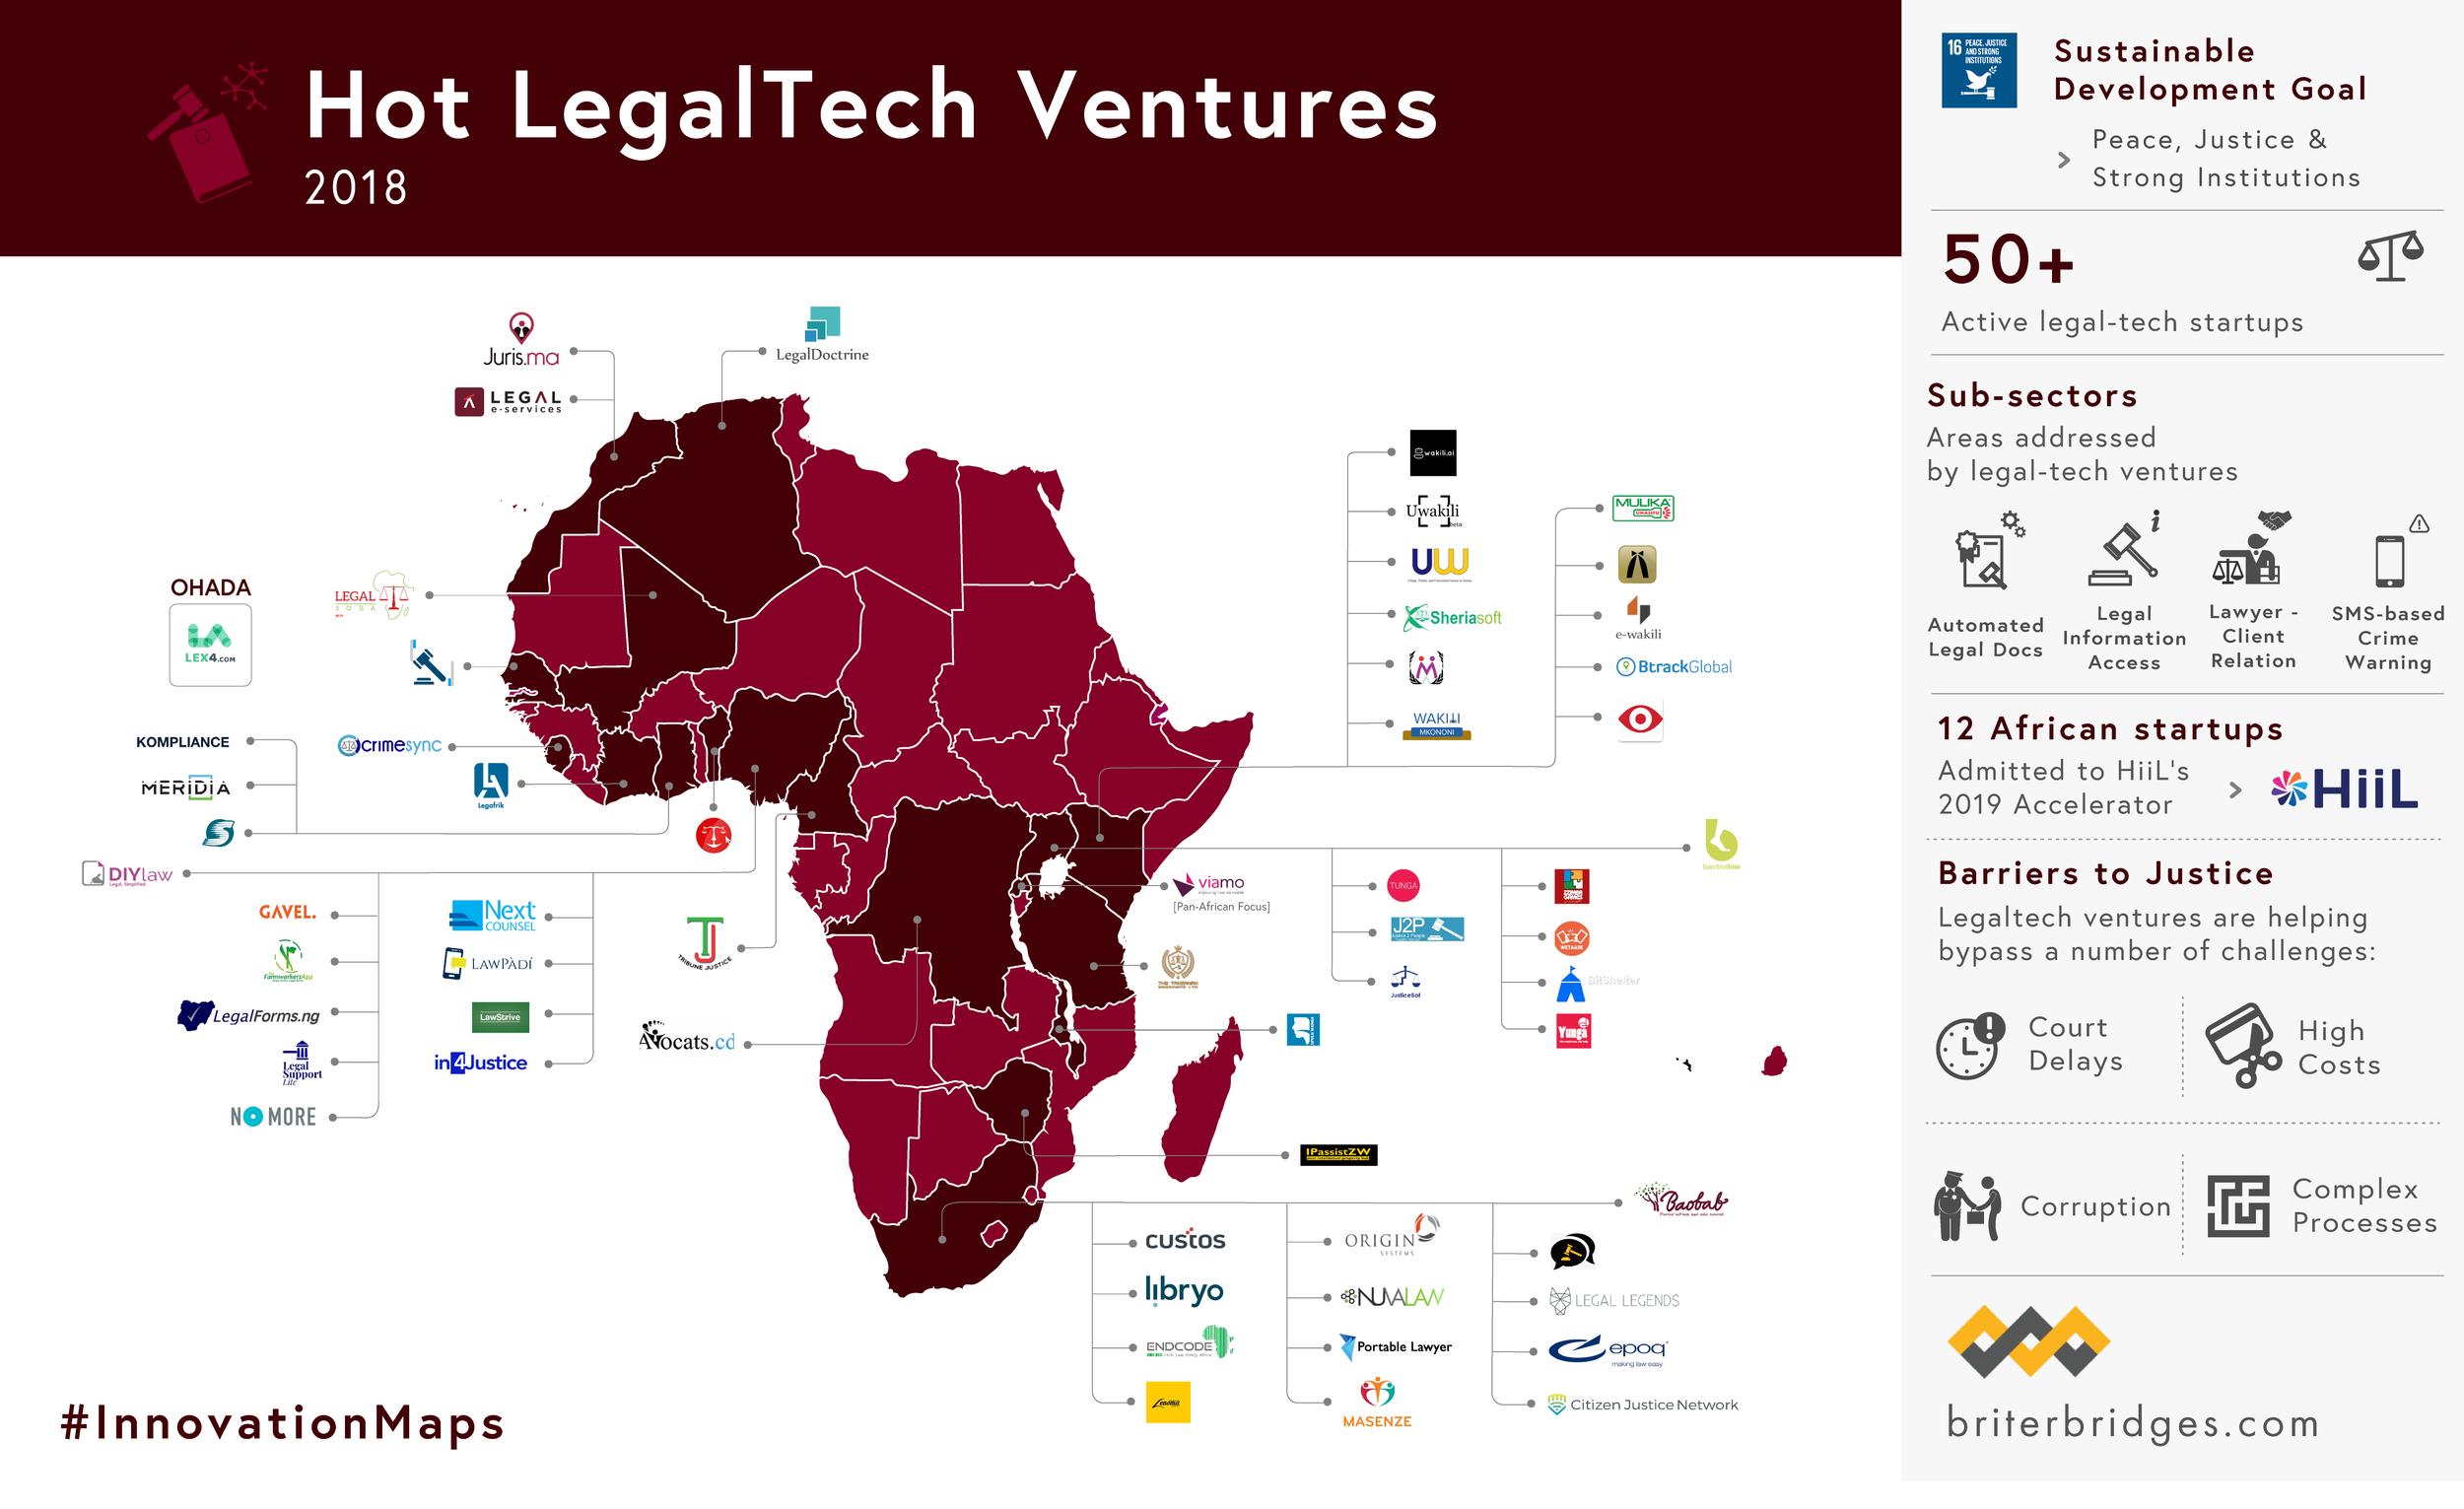 Hot LegalTech Ventures in Africa